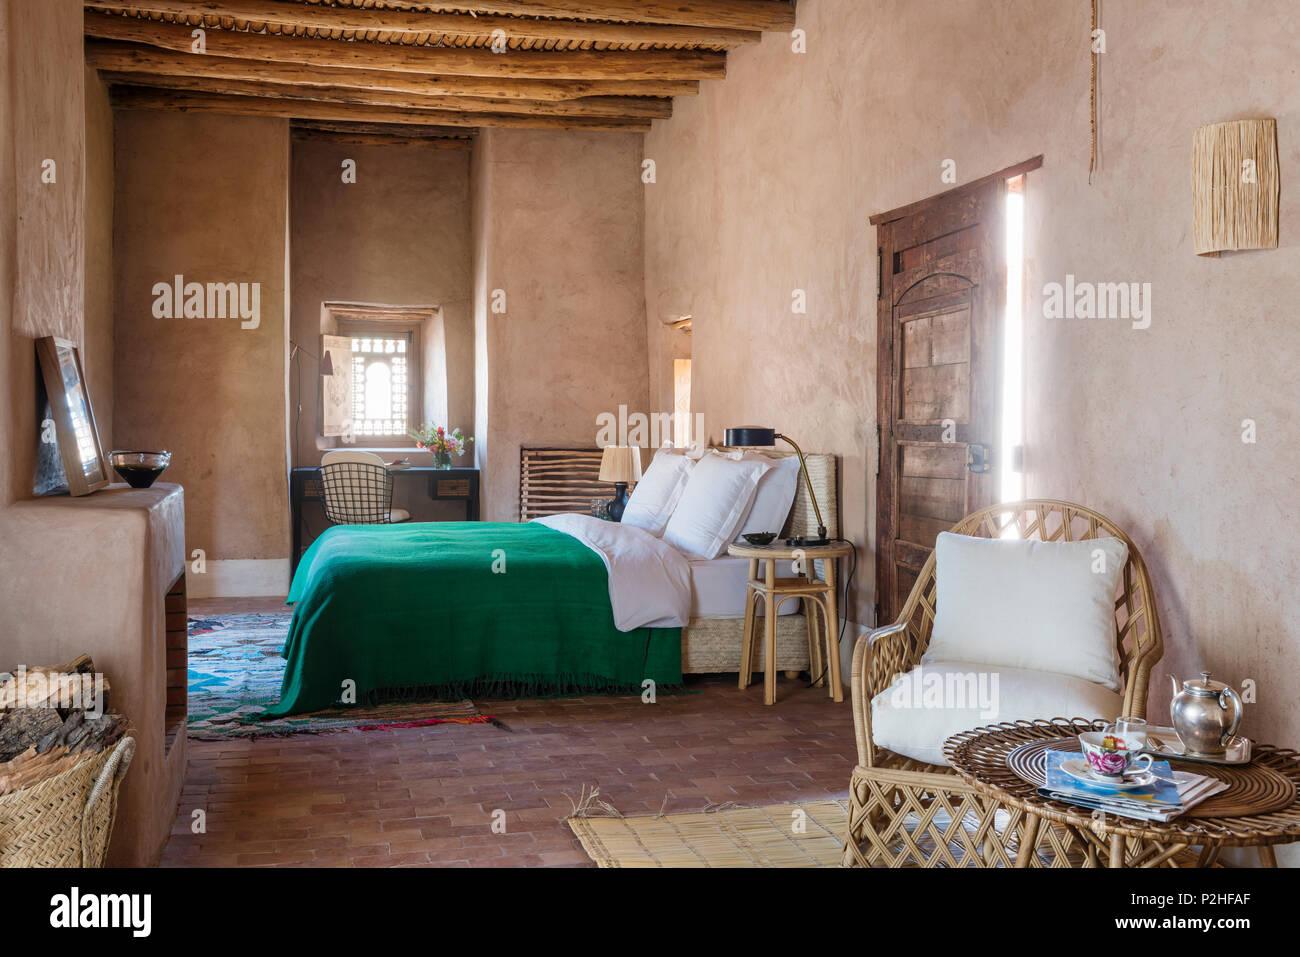 Rattan Sessel und Tisch im Vordergrund der Schlafzimmer mit ...